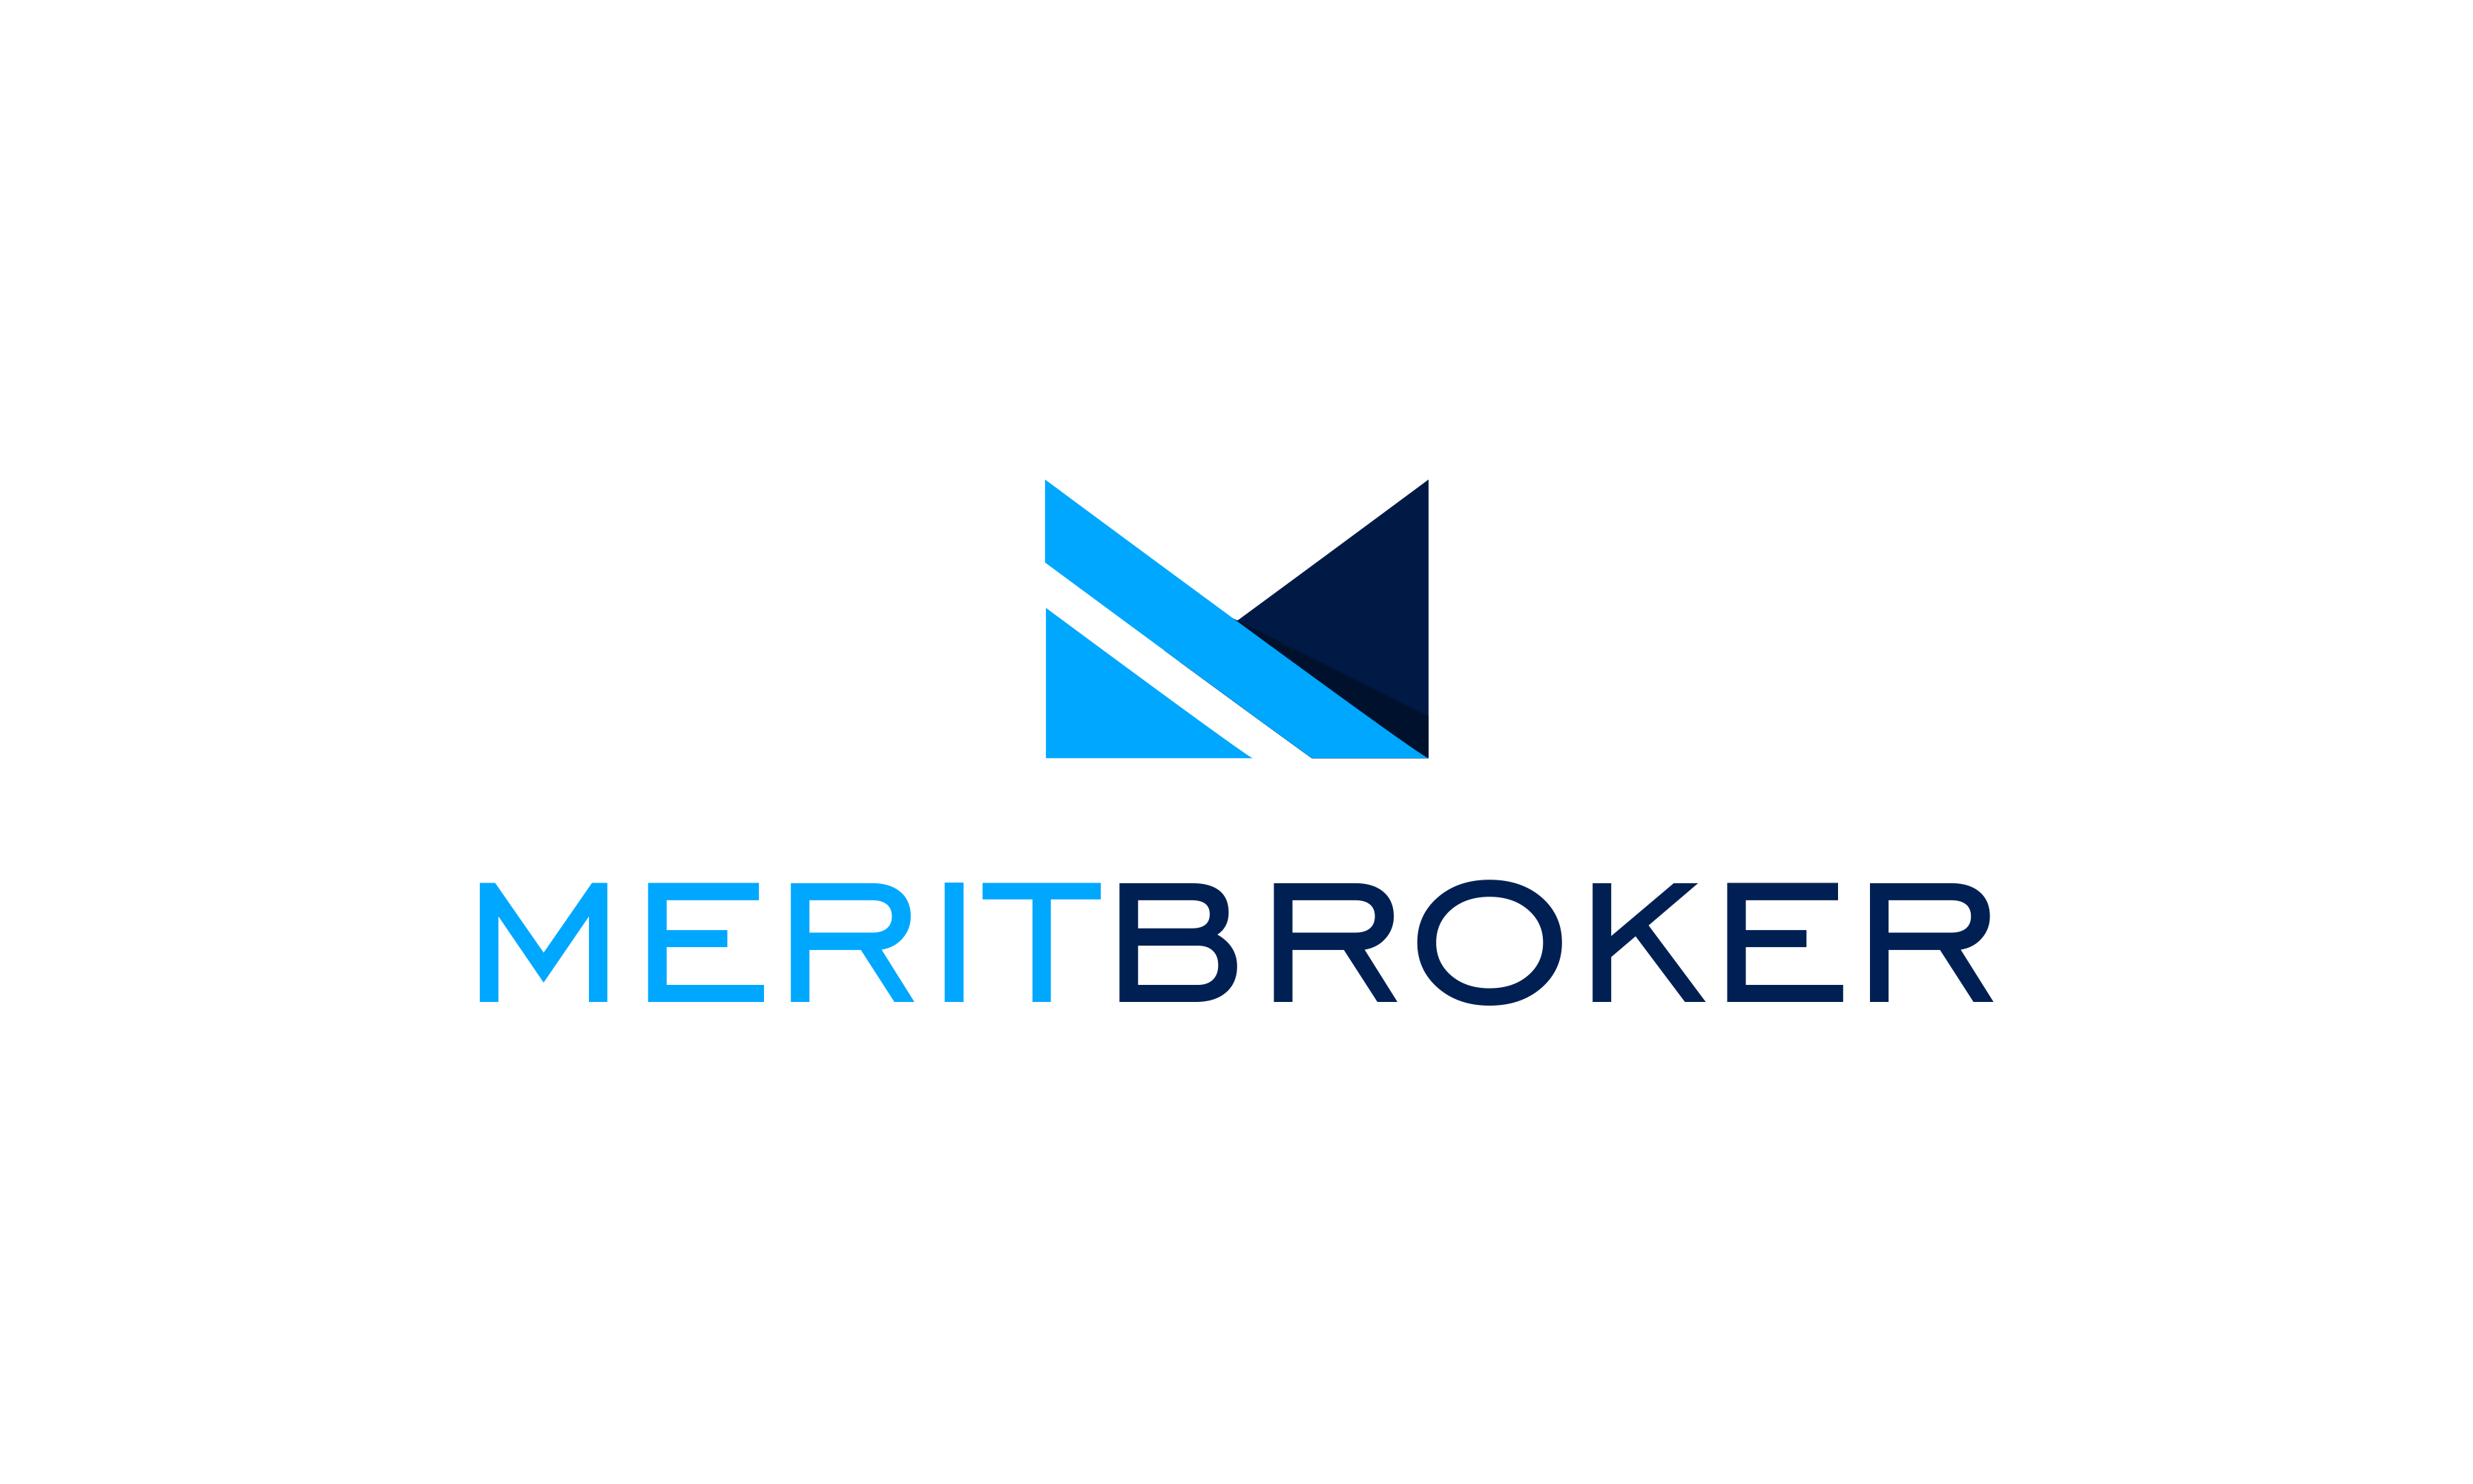 Meritbroker